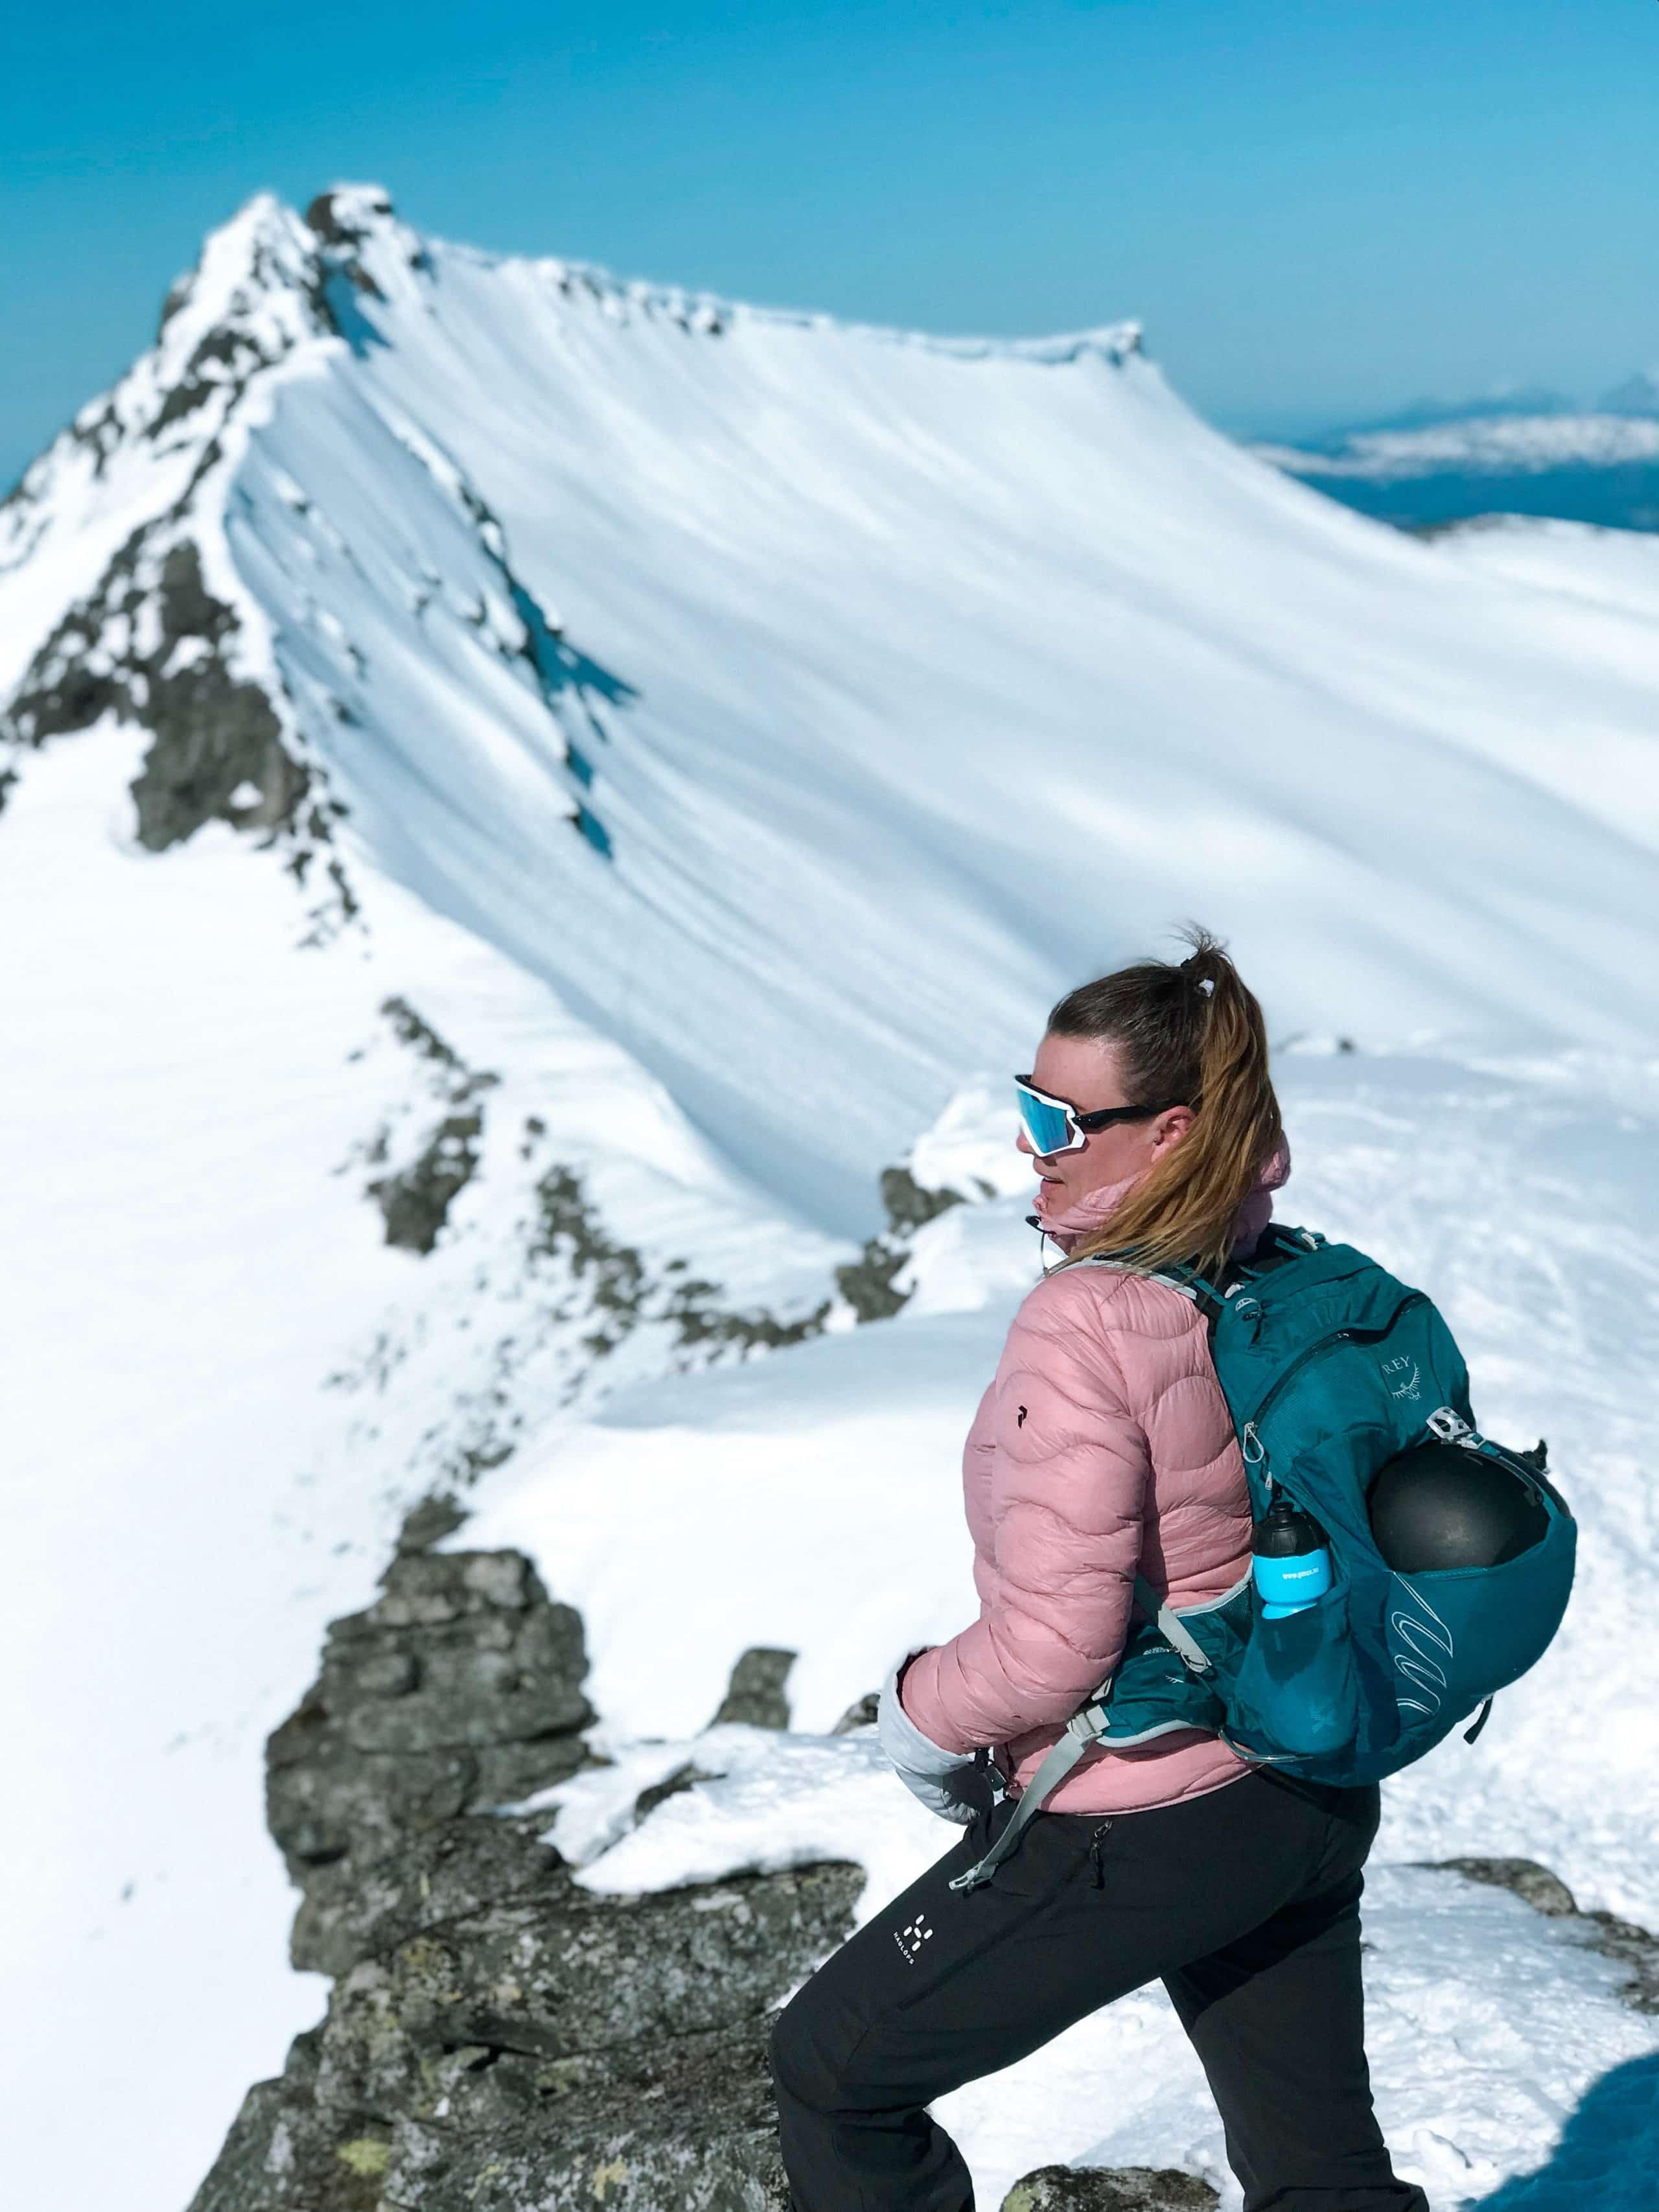 Beim Wintersport die Augen sicher schützen